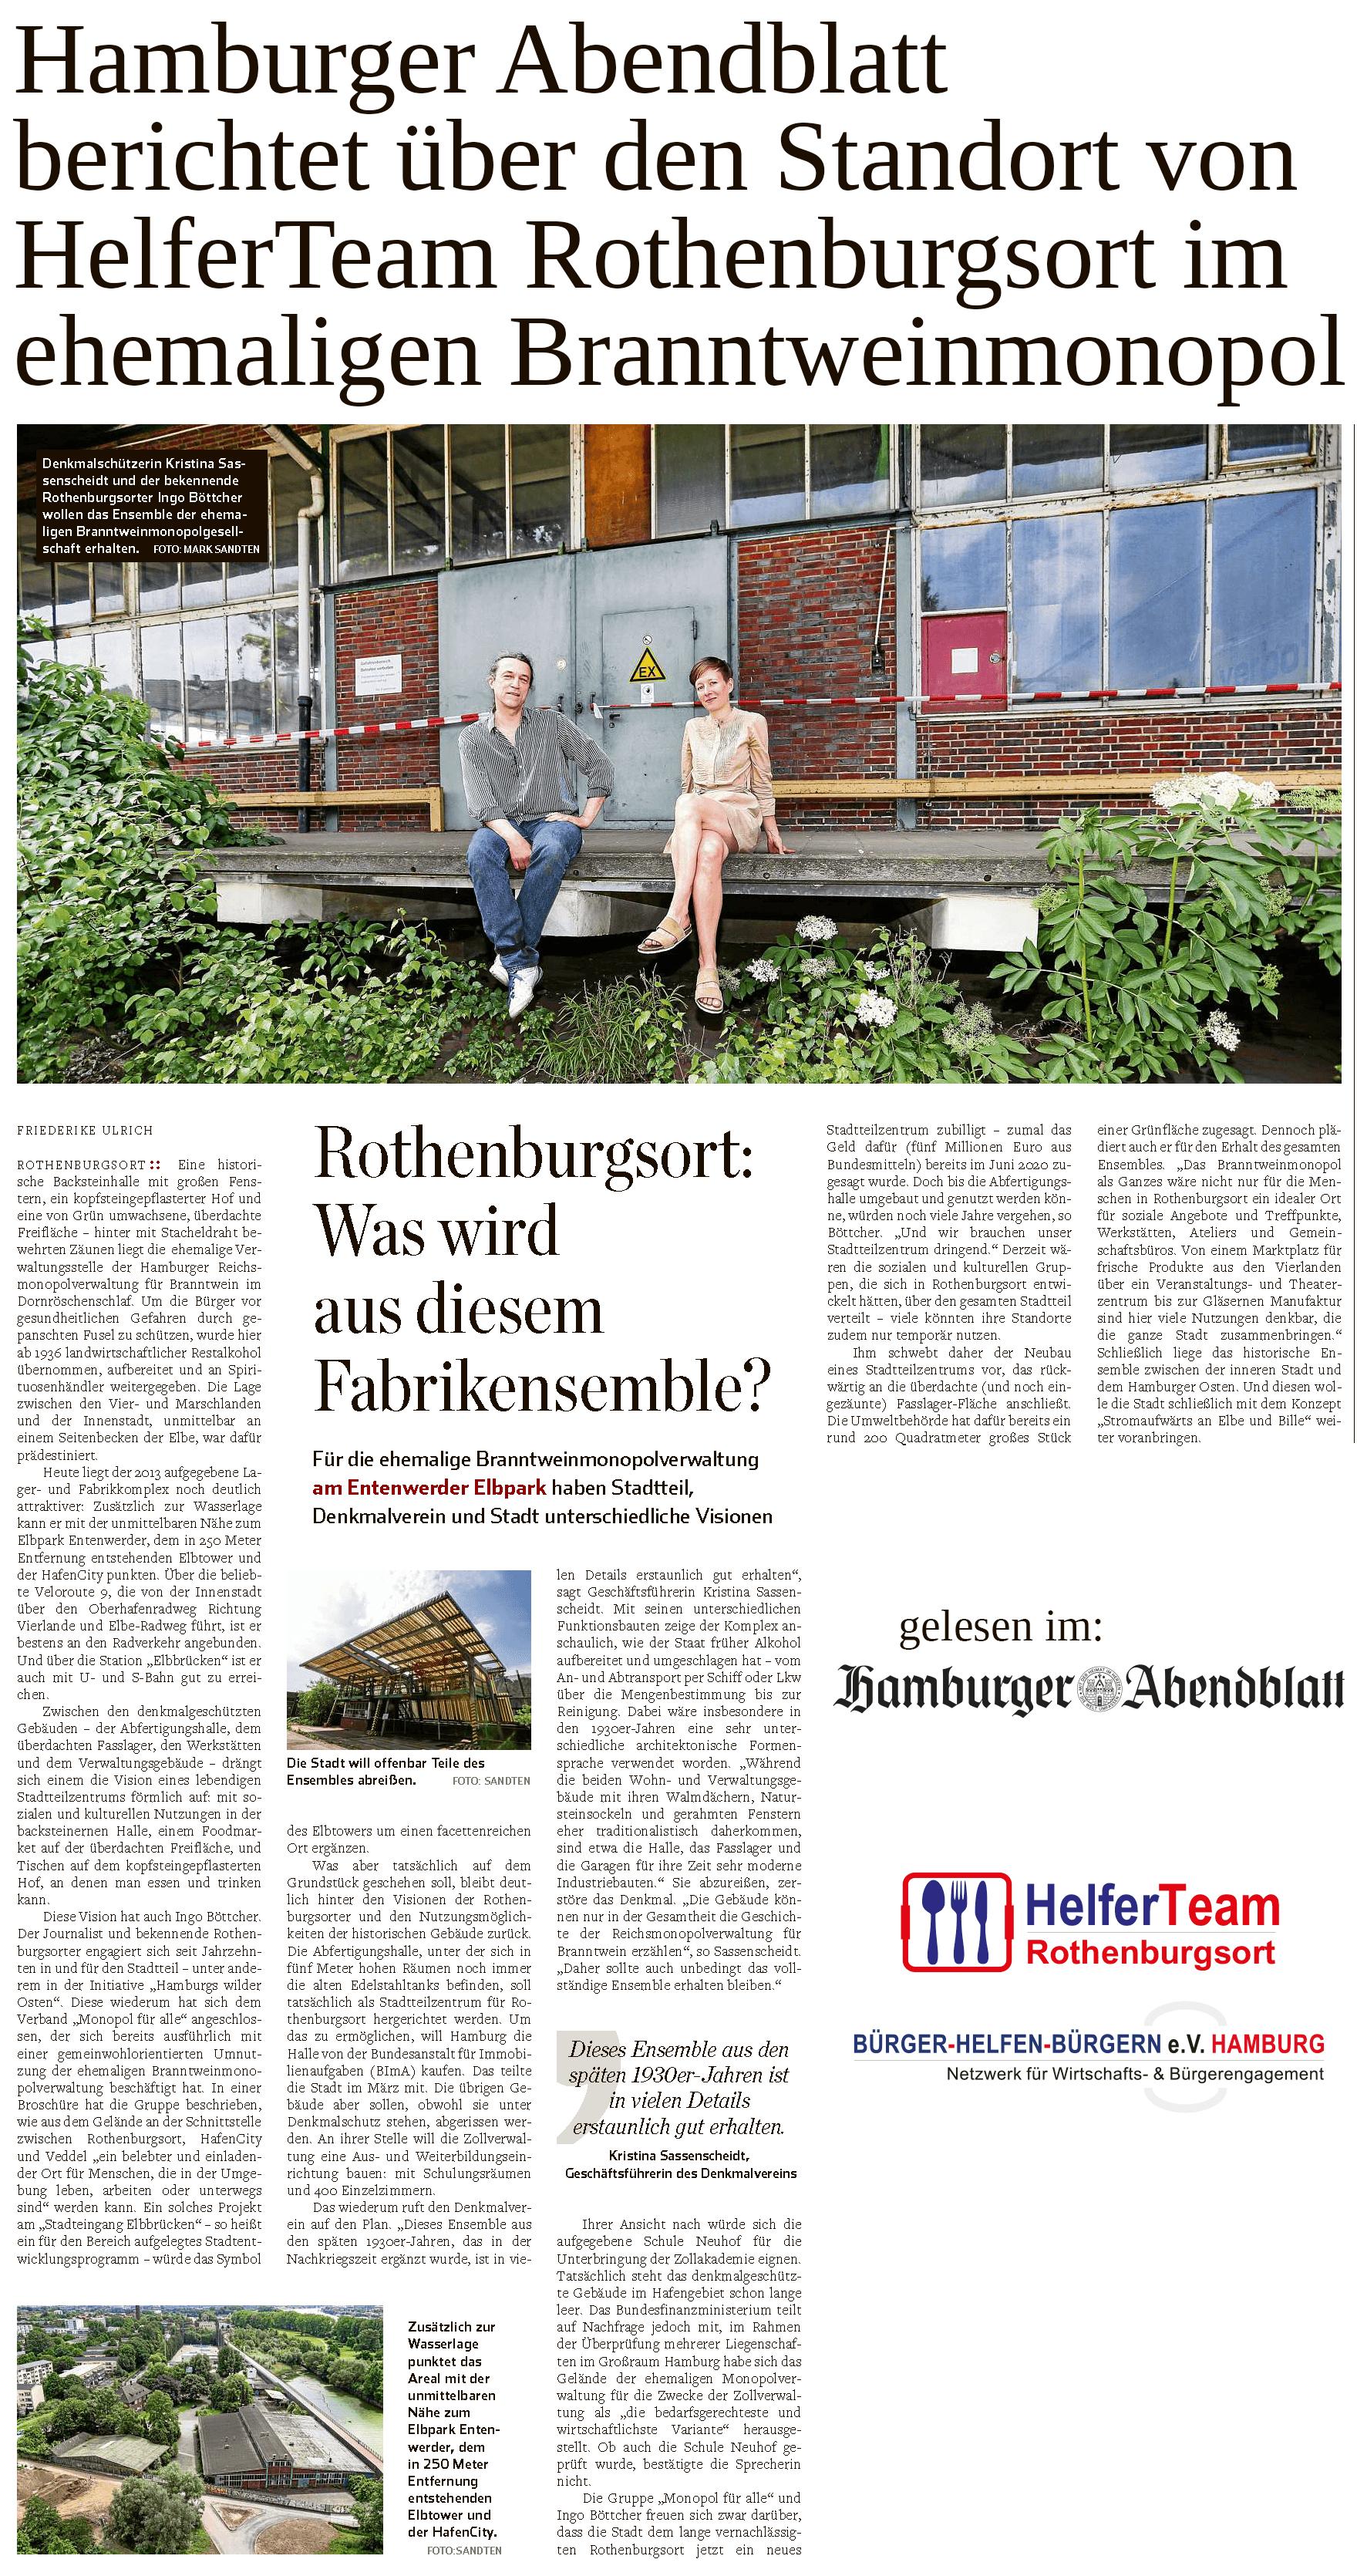 Hamburger Abendblatt berichtet über Standort von HelferTeam Rothenburgsort vom gemeinnützigen Trägerverein Bürger helfen Bürgern e.V. Hamburg